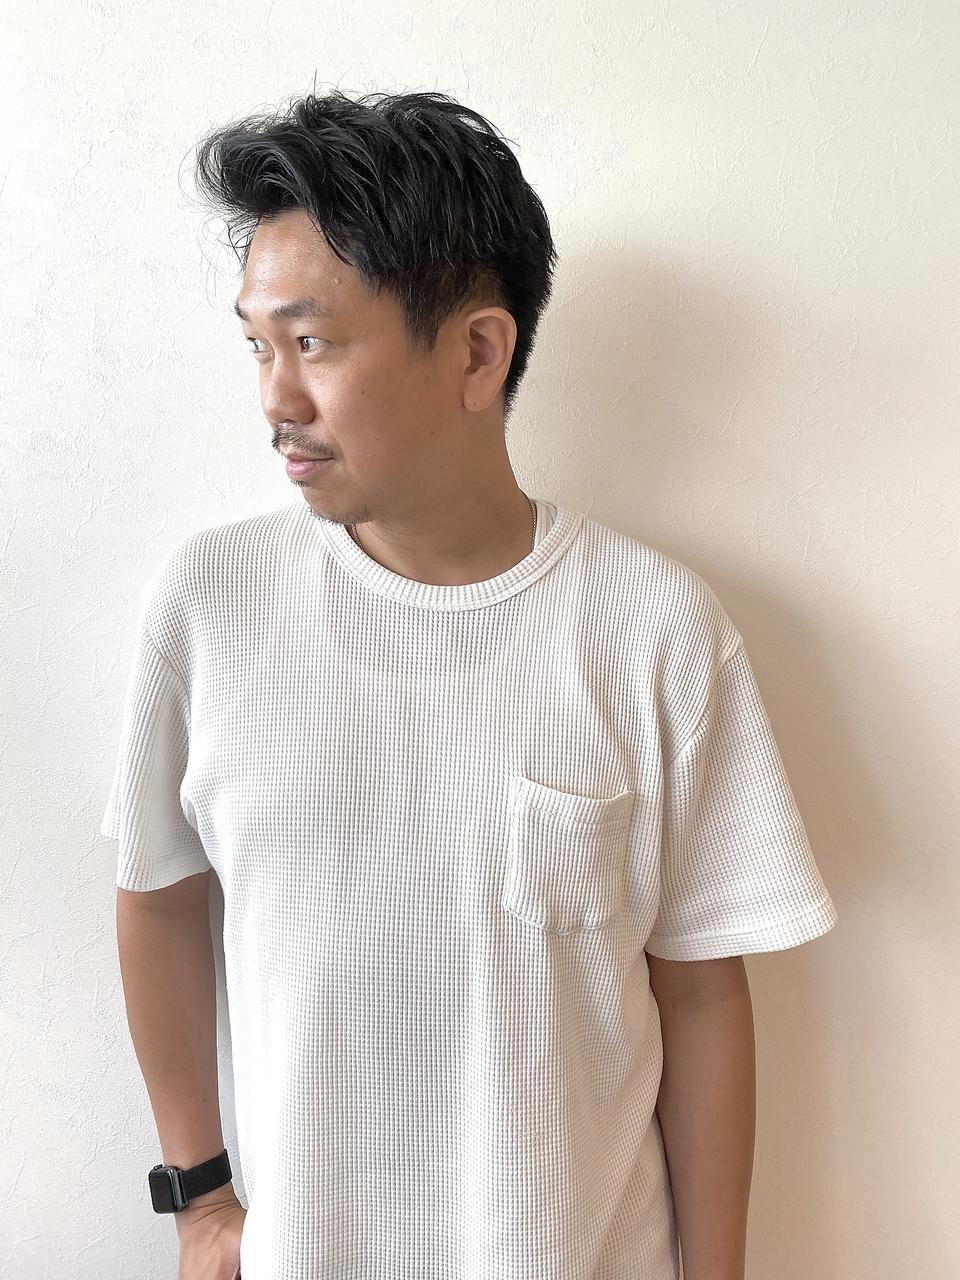 伊藤 裕介